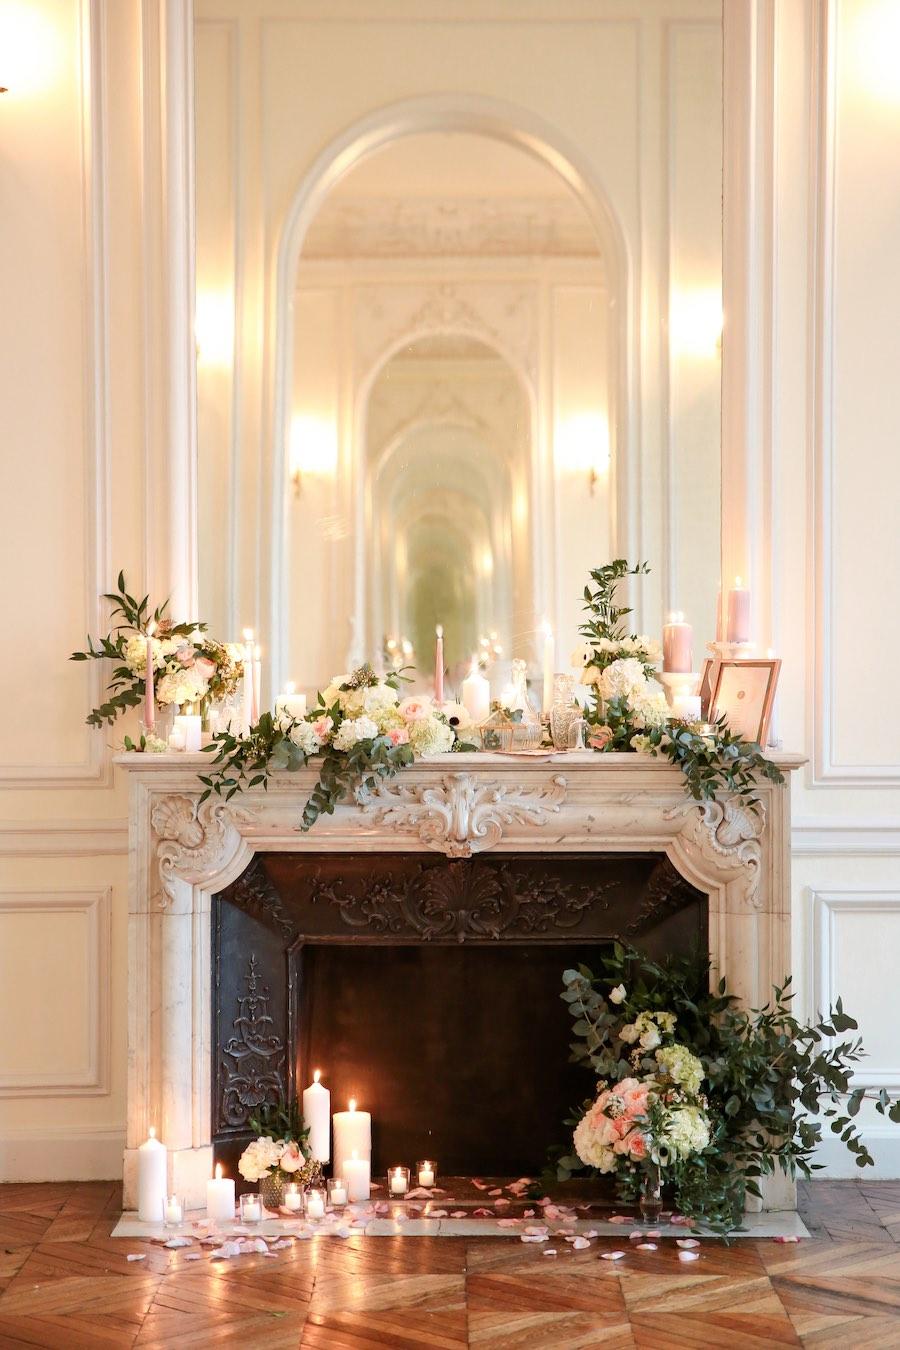 décoration mariage rose gold cheminée